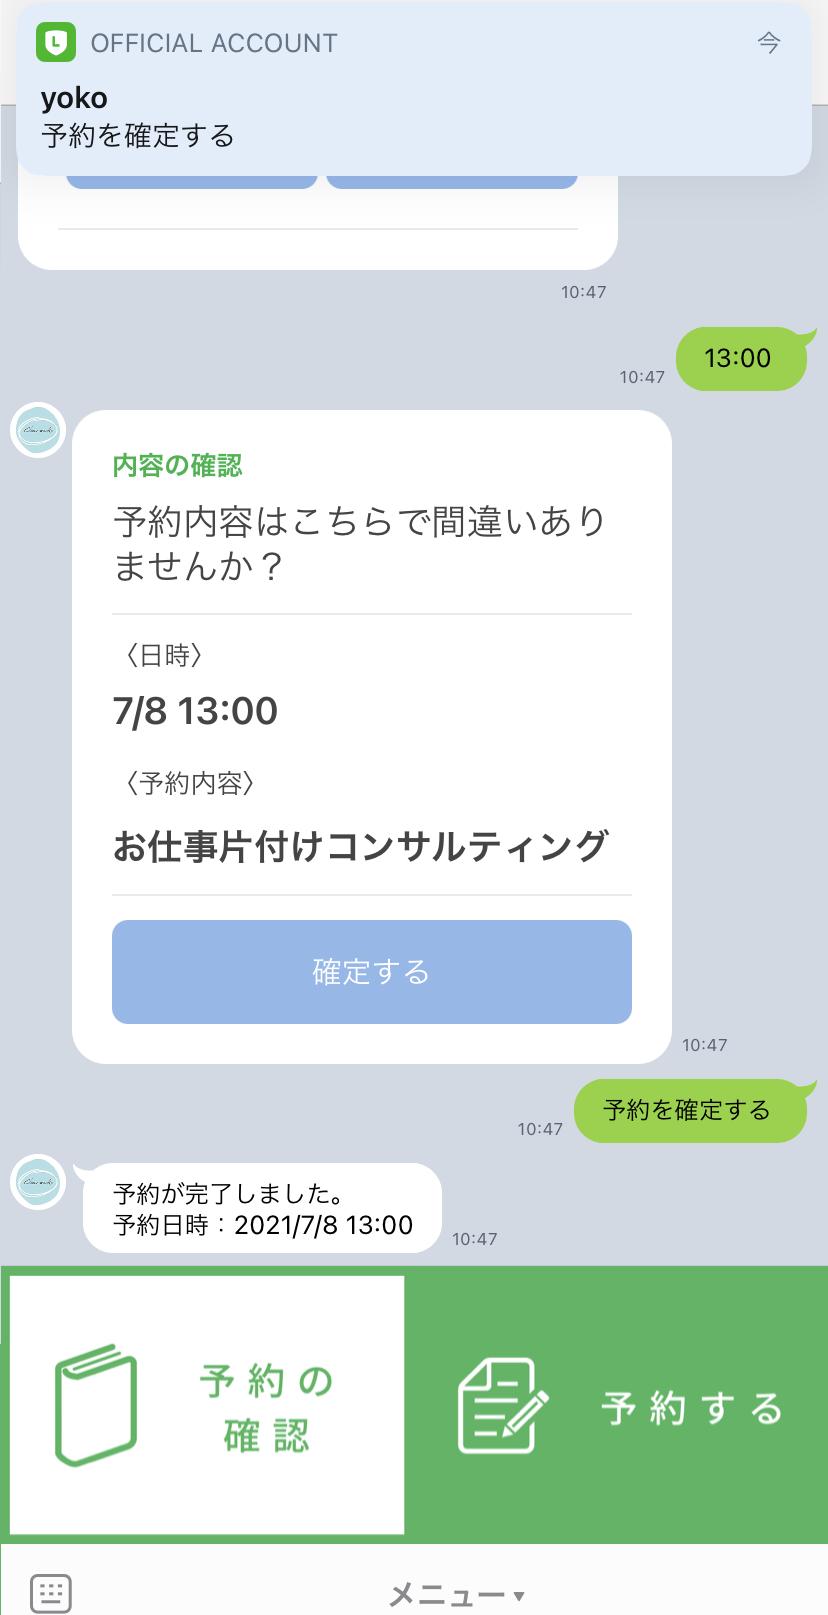 20210702_014732000_iOS-1